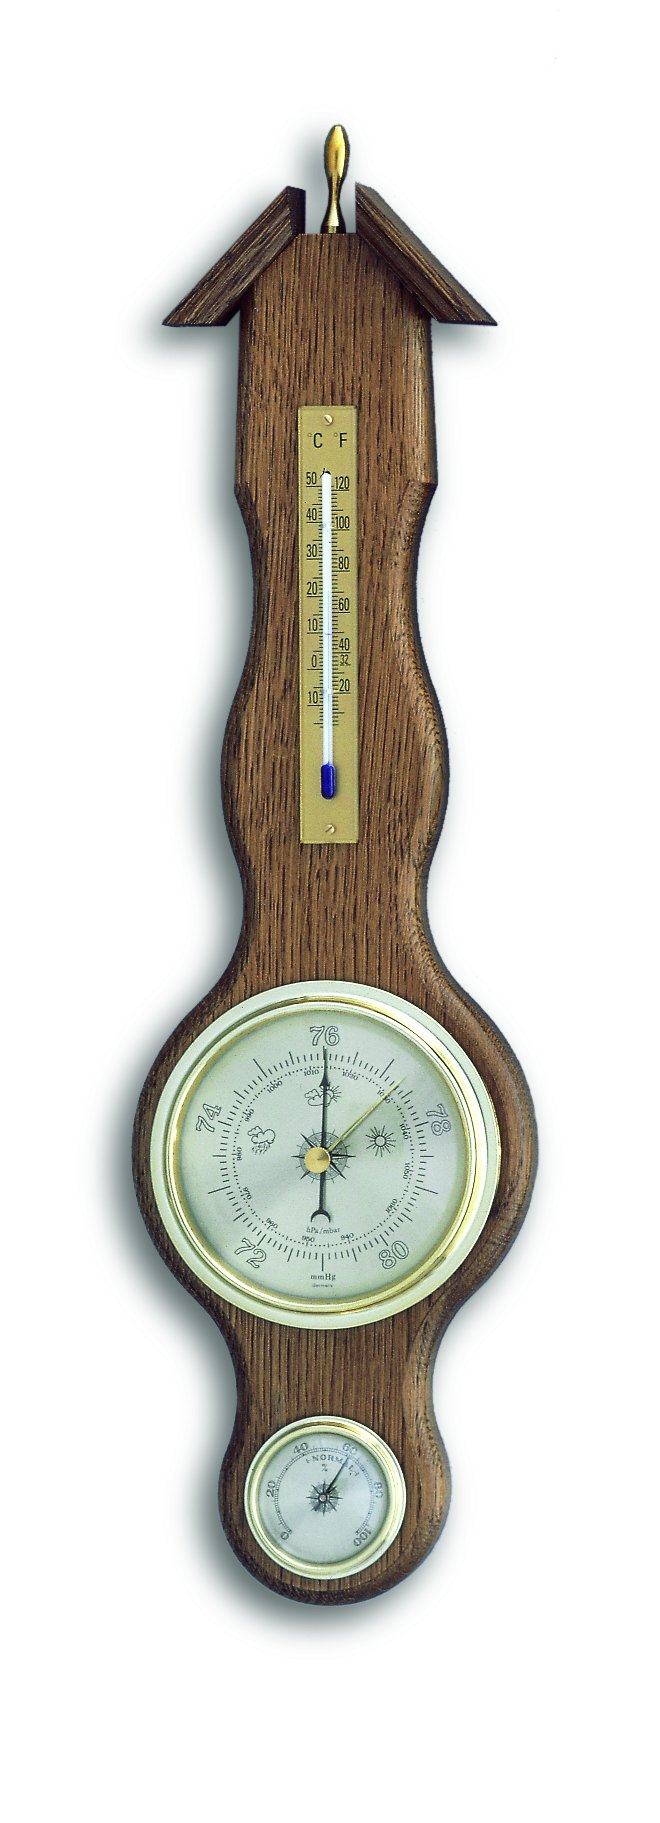 Meteostanice analogová na dřevěné podložce TFA 20.1037.01 - dub sheraton